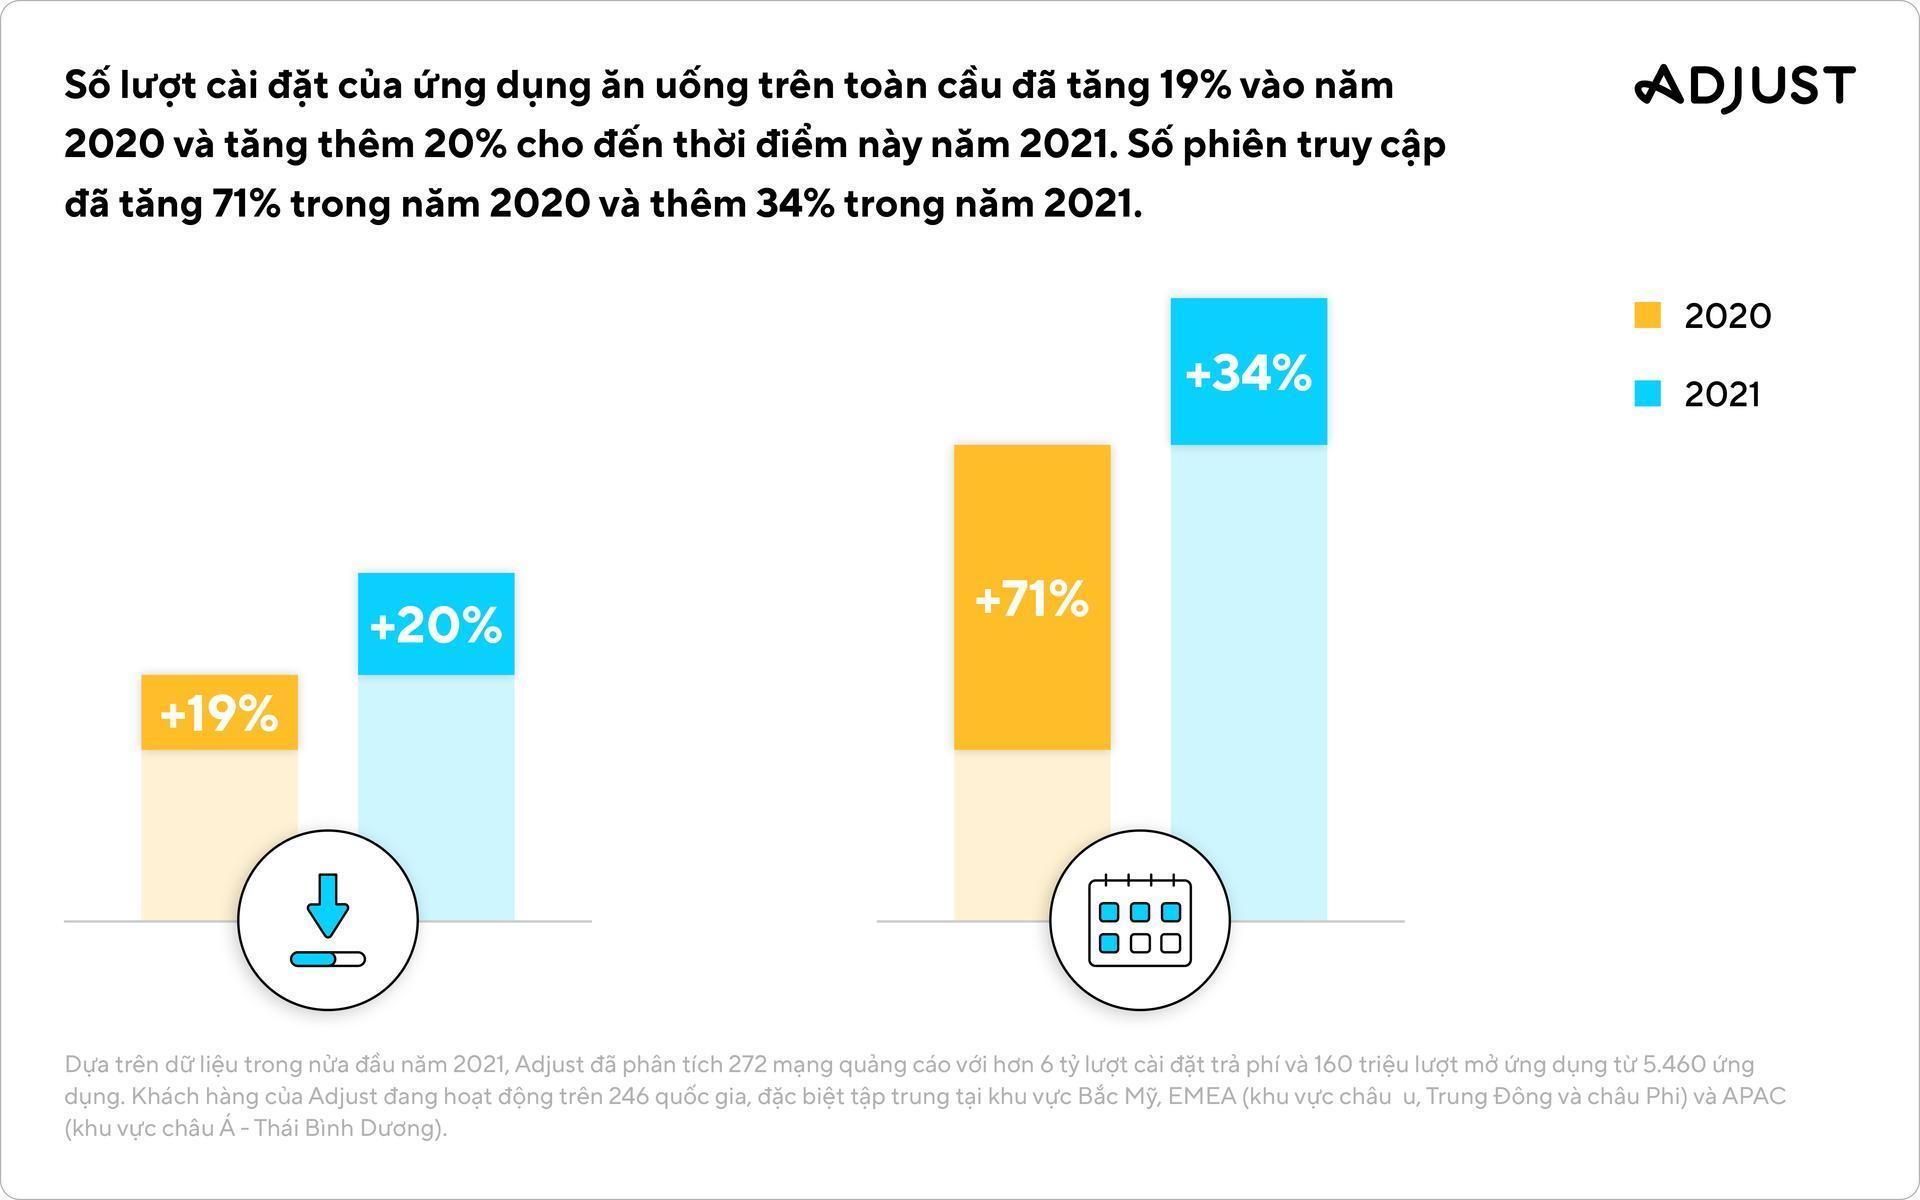 Adjust: Đông Nam Á tiếp tục dẫn đầu phân khúc Thương mại điện tử